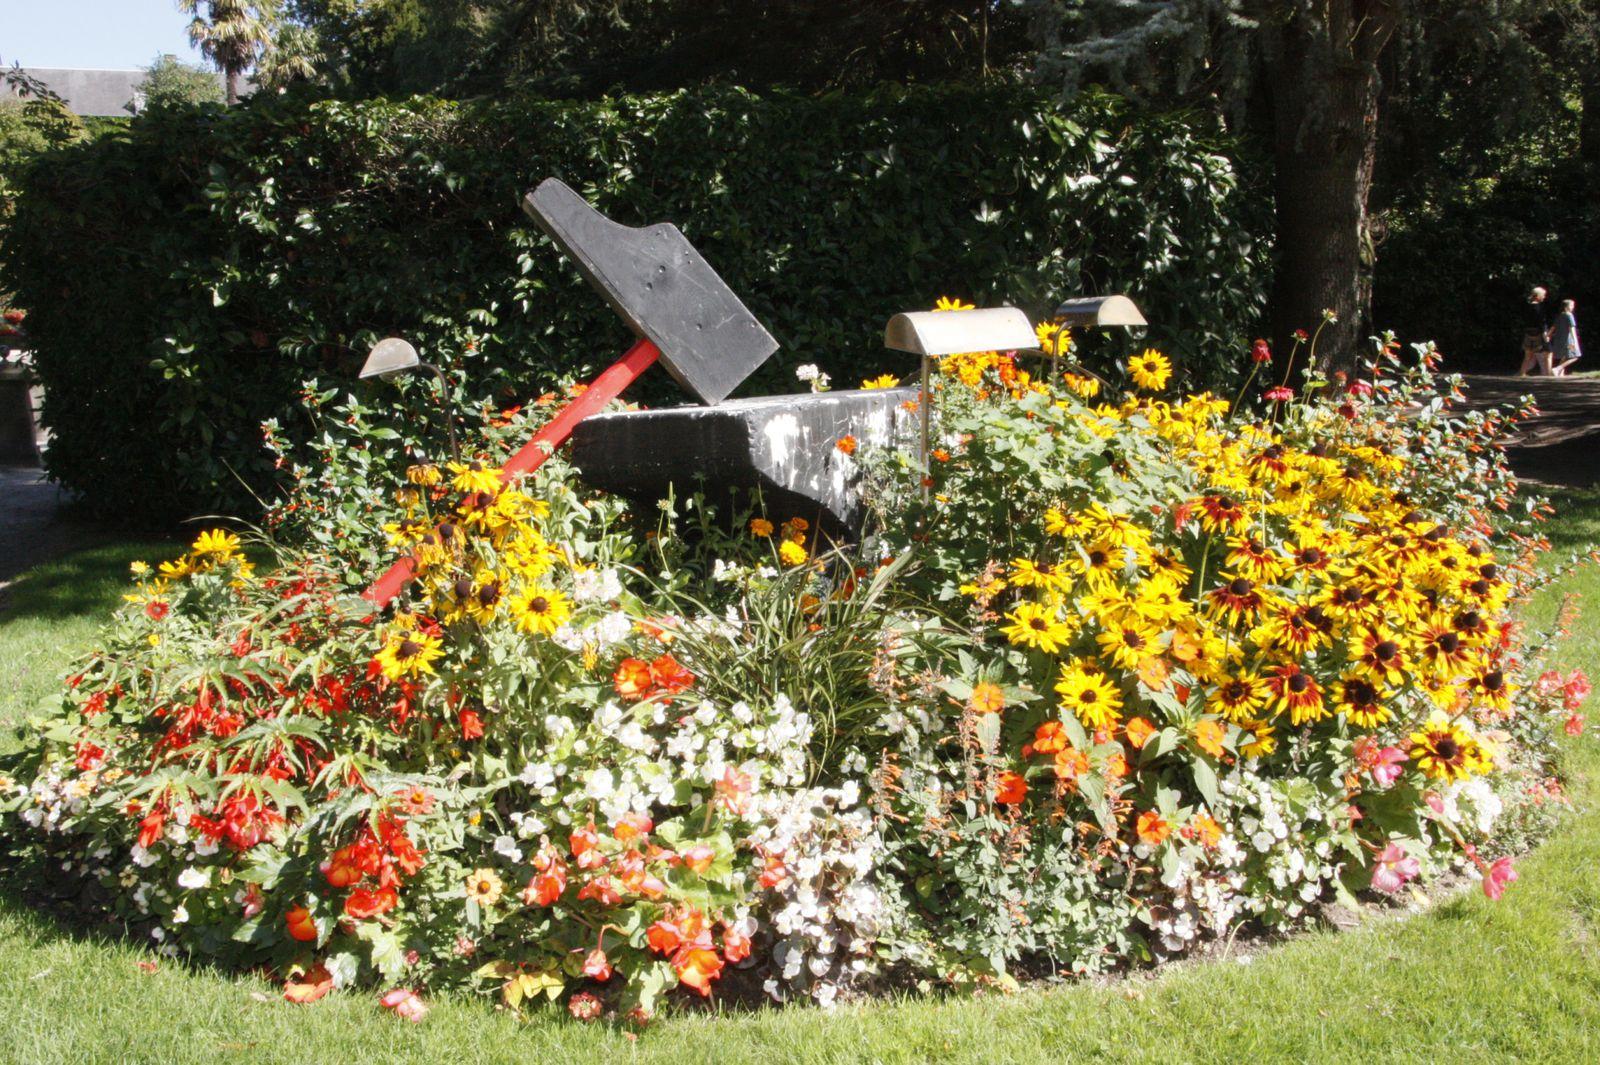 Jardin public de coutances les plaisanciers de dielette for Jardin publiques